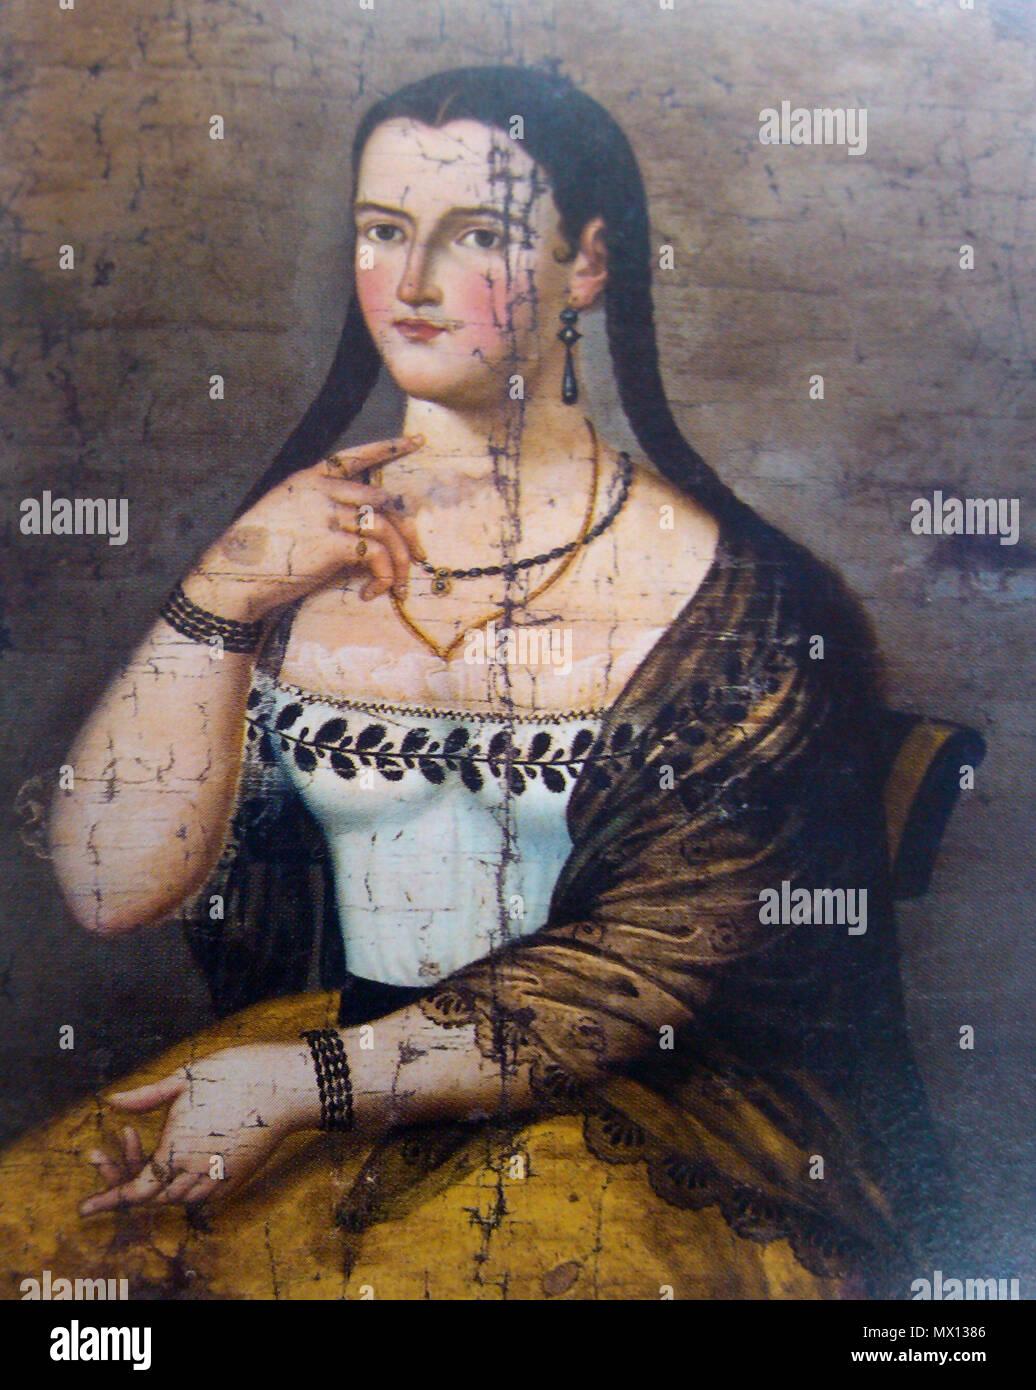 392 Manuela Cañizares (adolescente) 02 Immagini Stock